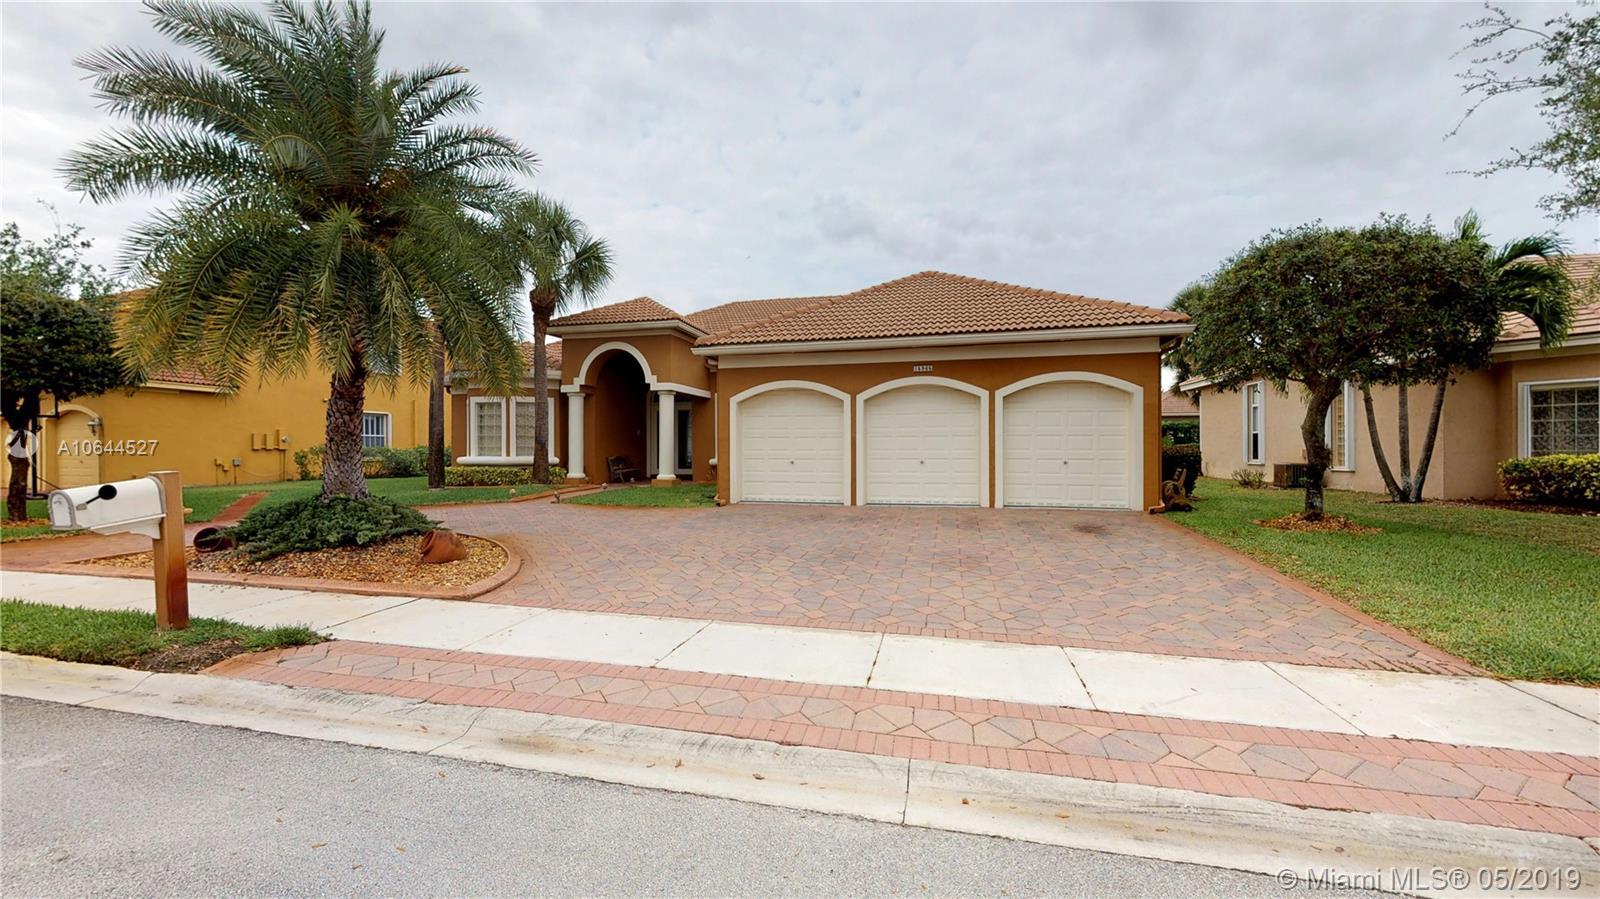 15965 SW 15th St, Pembroke Pines, FL 33027